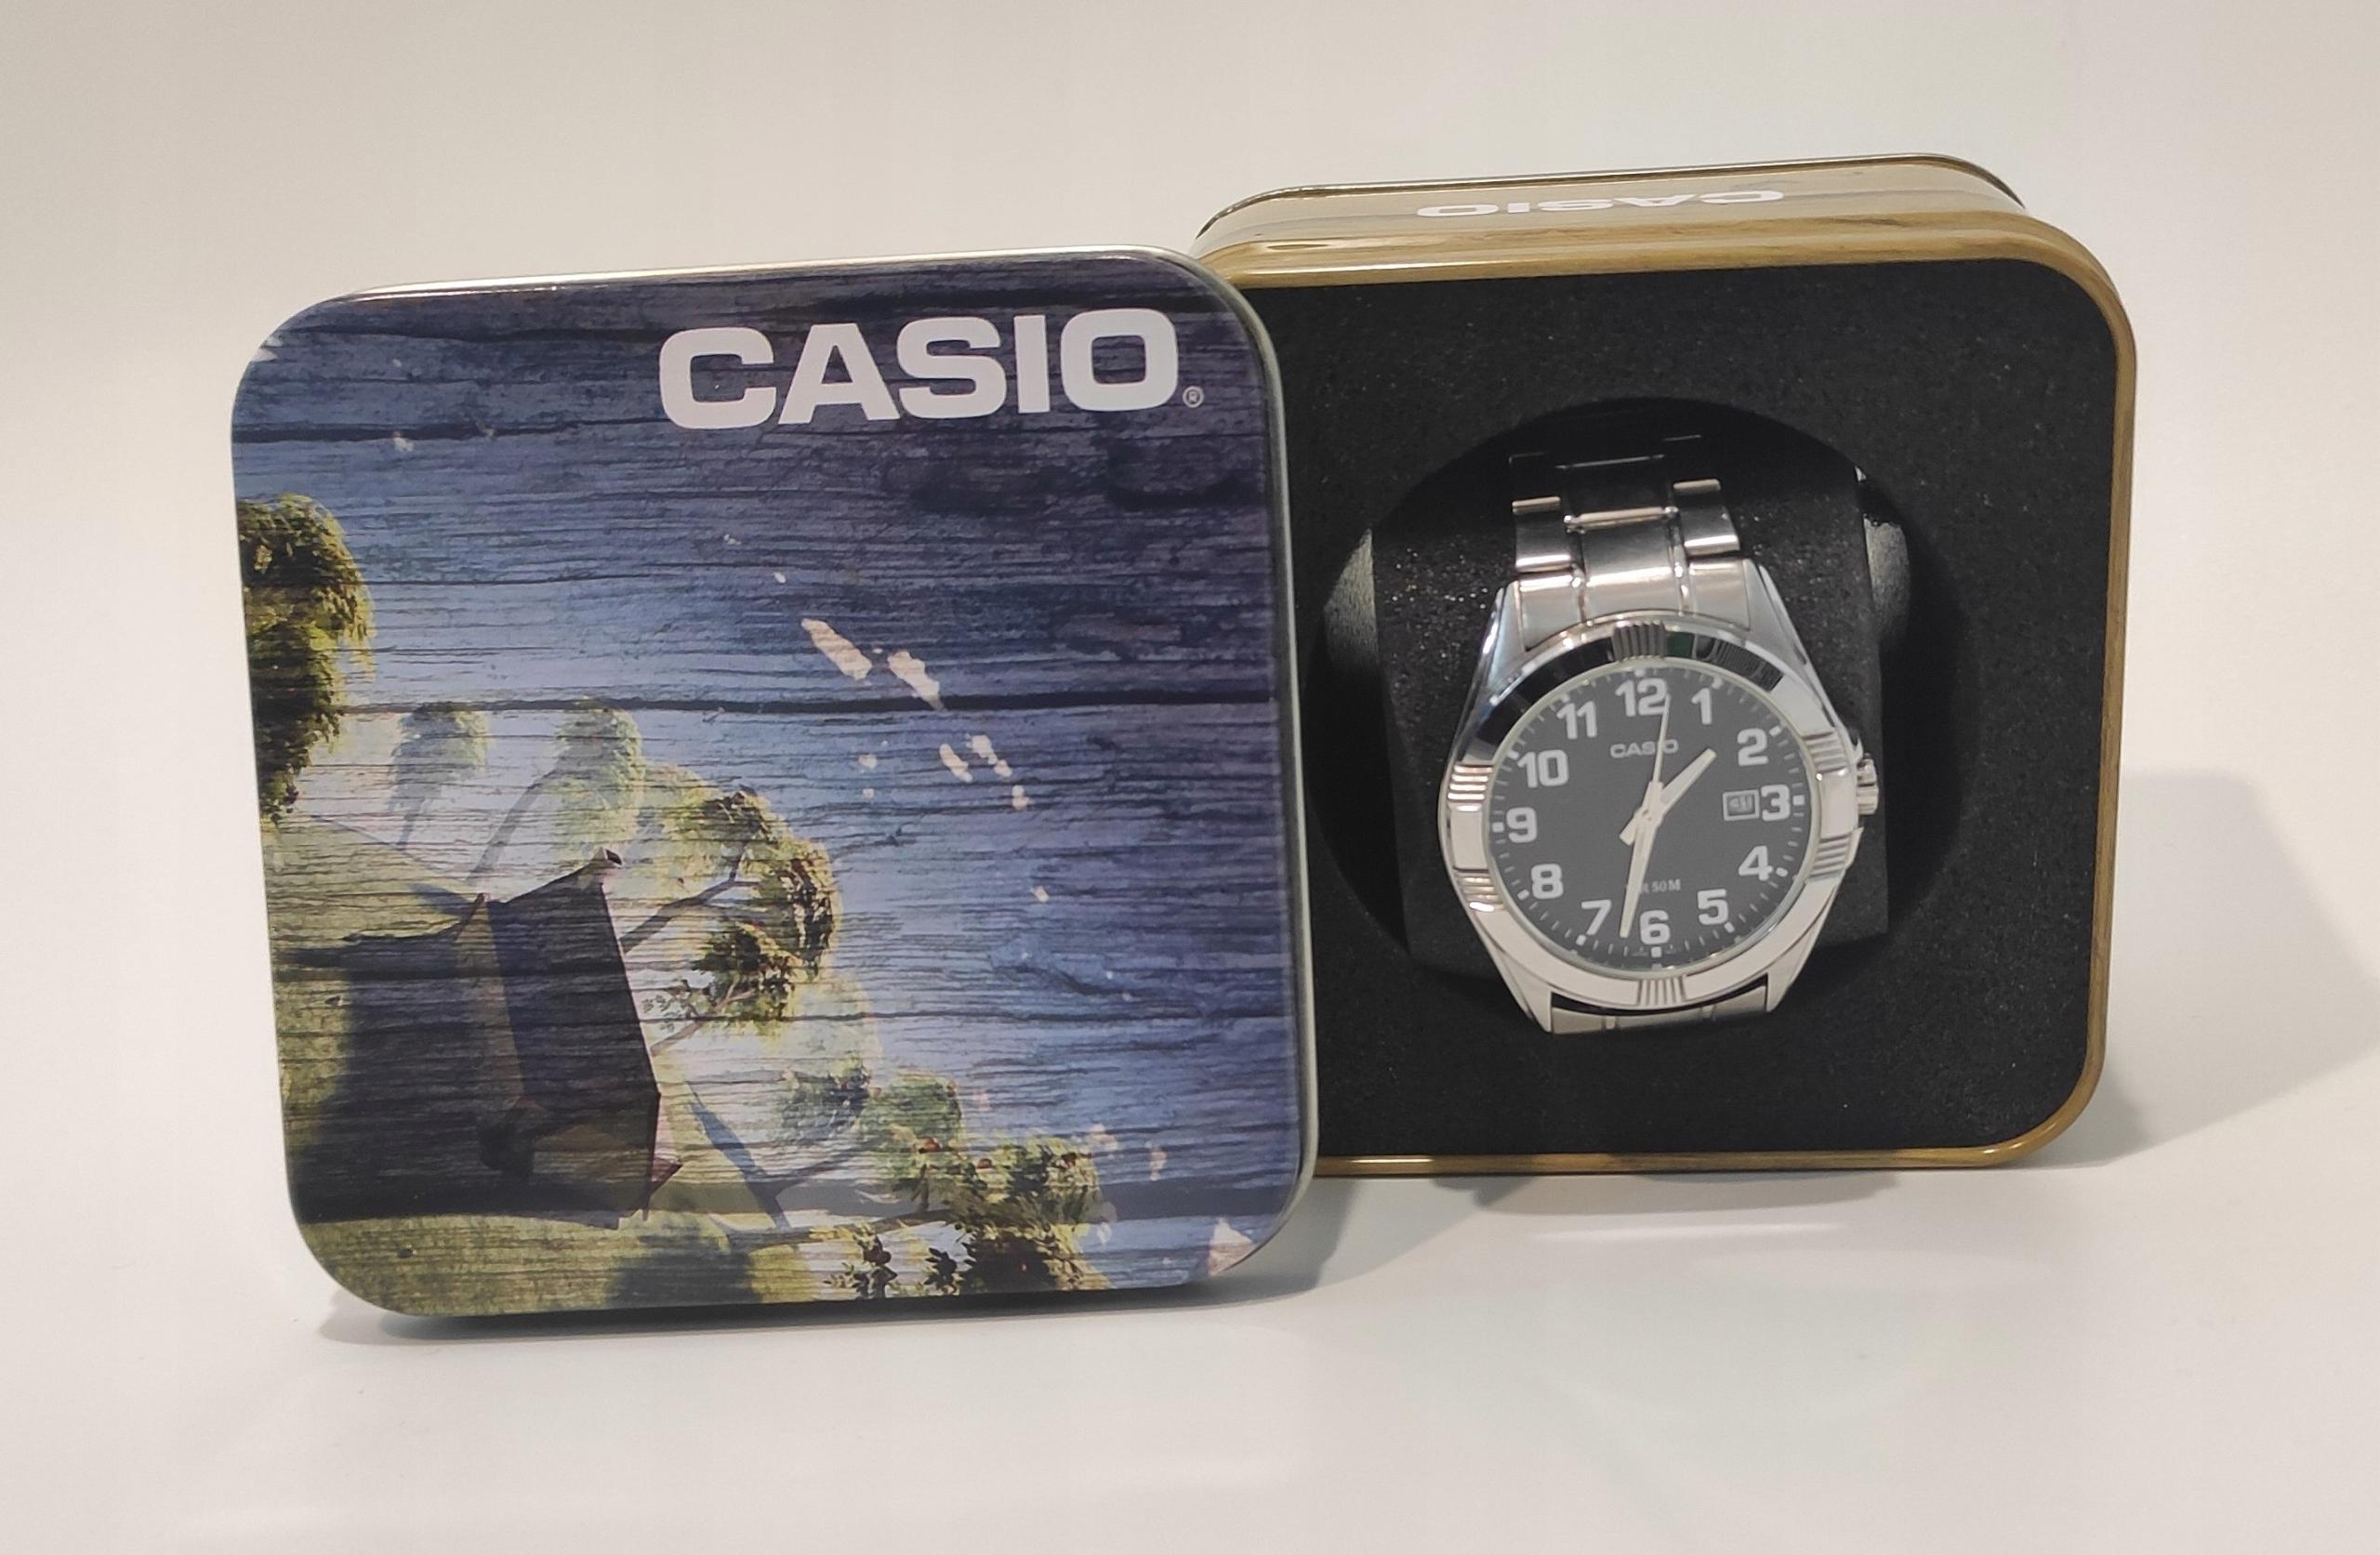 Zegarek męski Casio Japan Movt 2784 Mechanizm kwarcowy